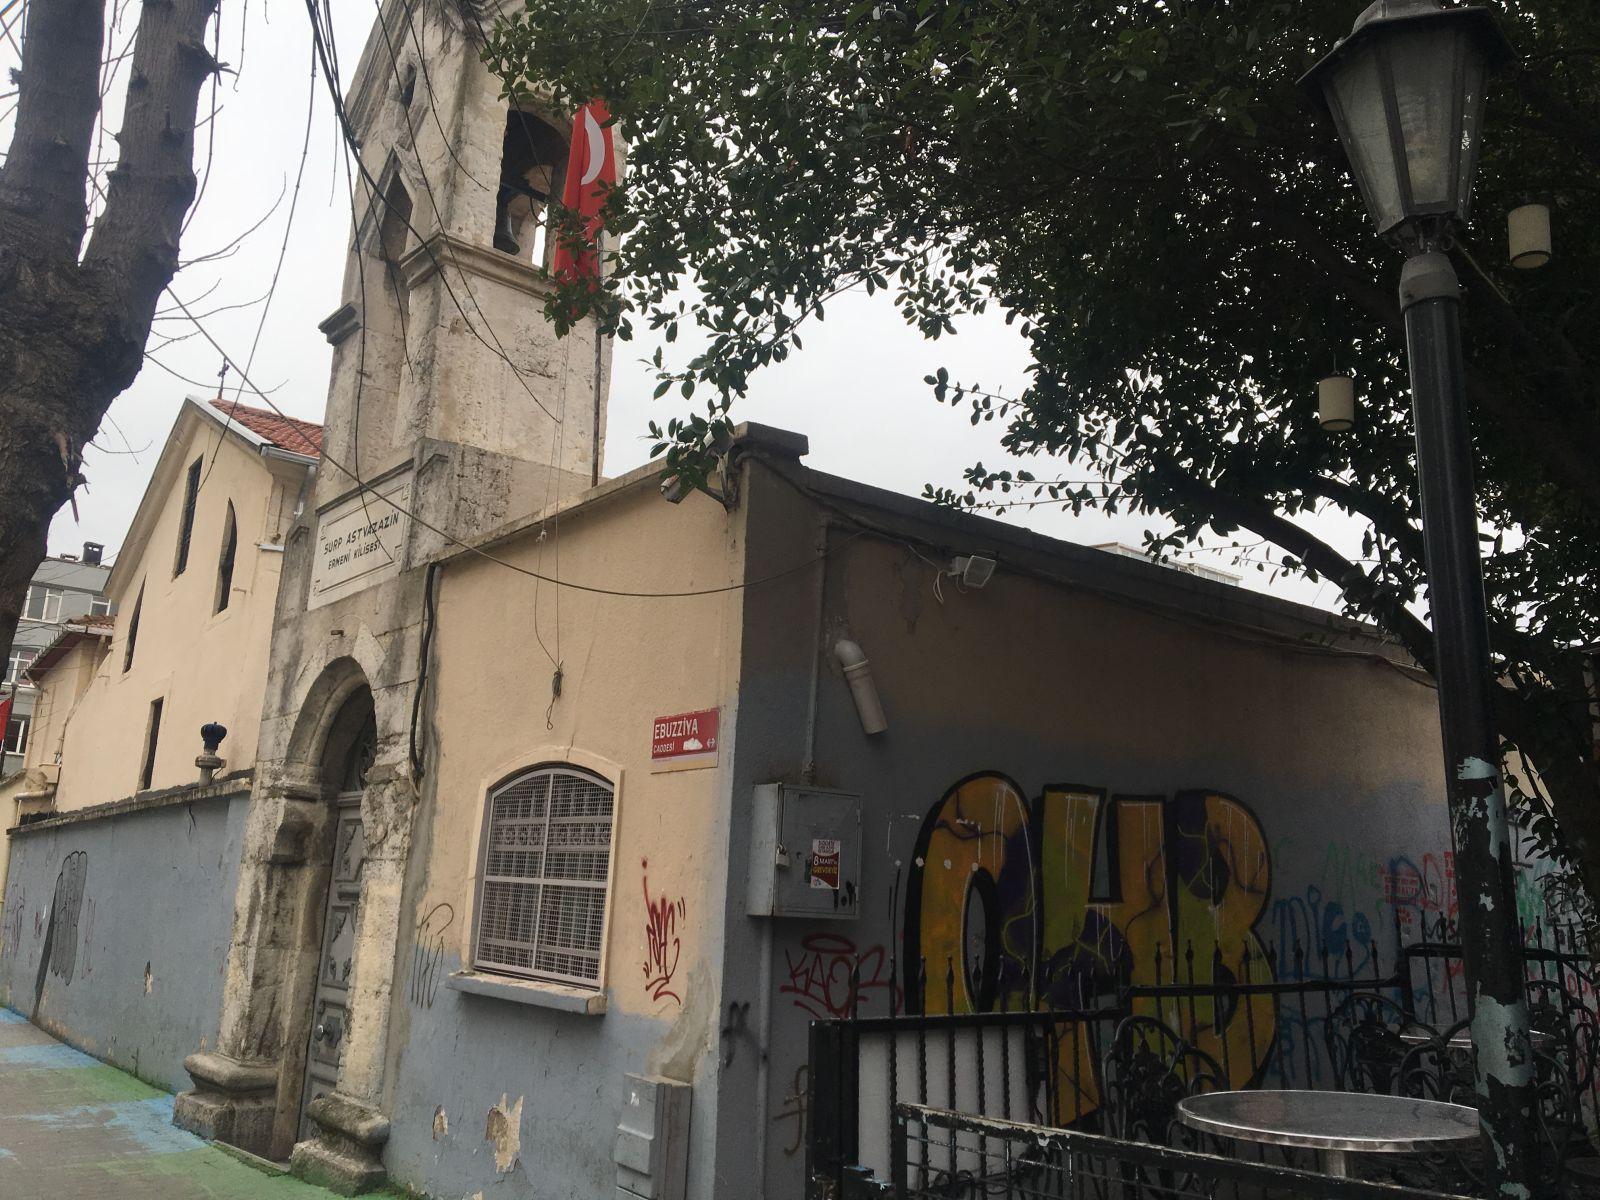 Թուրքիայում պղծել են հայկական Ծնունդ Սբ. Աստվածածին եկեղեցին (լուսանկարներ)